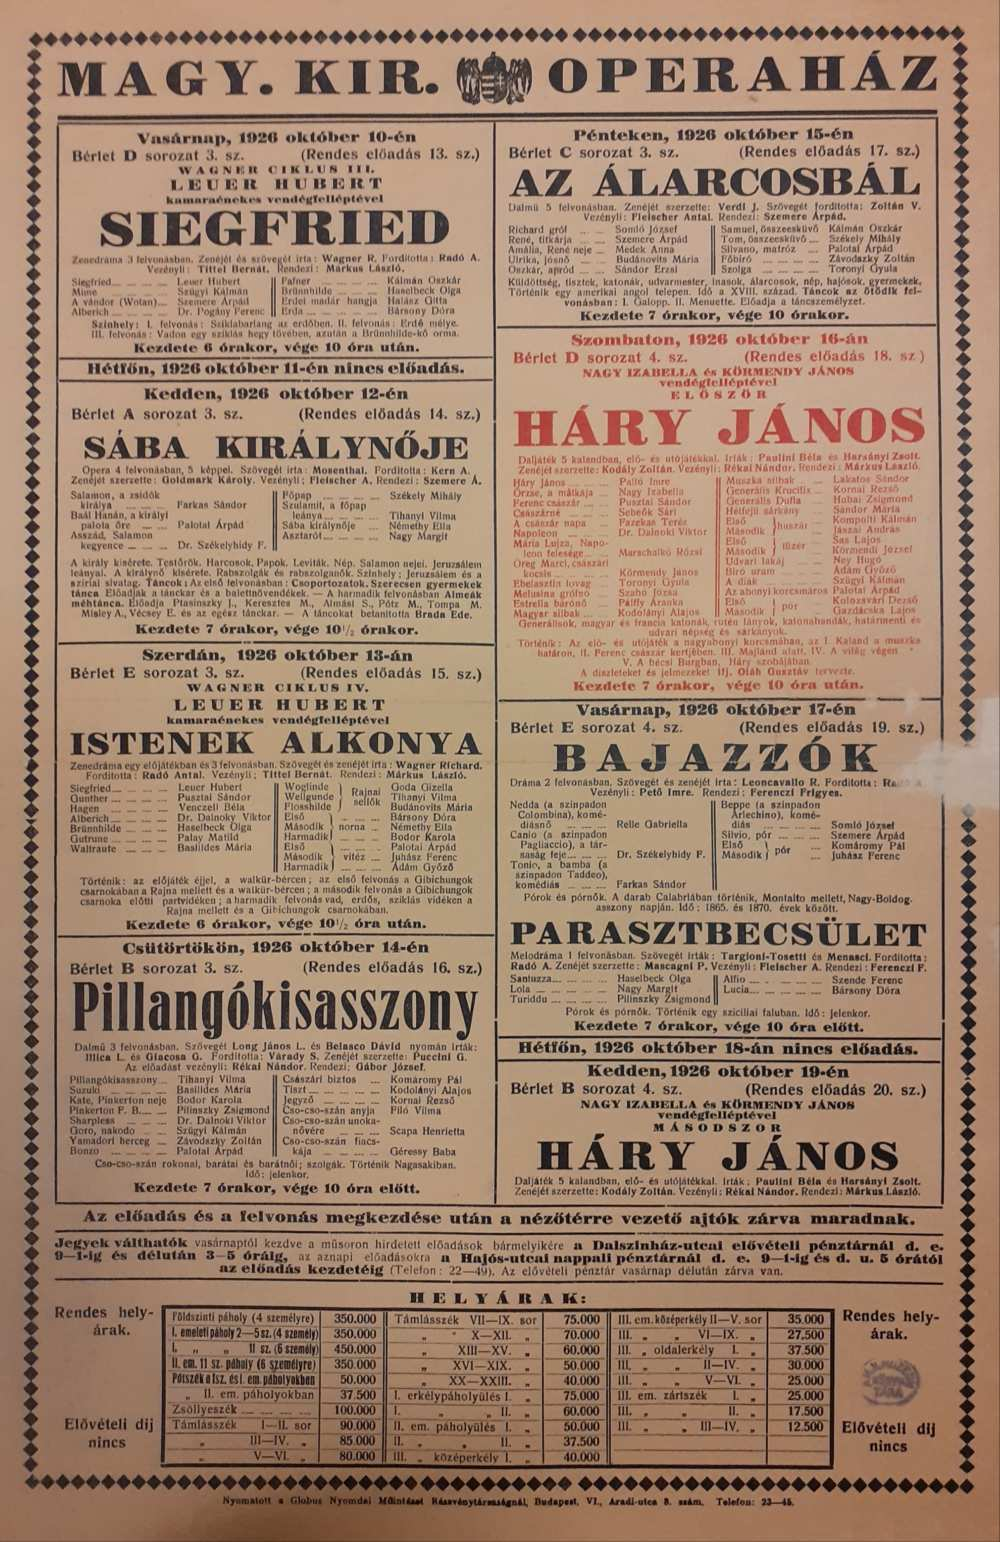 Kodály Zoltán: Háry János. Magyar Királyi Operaház, 1926. október 16. Színlap – Színháztörténeti és Zeneműtár